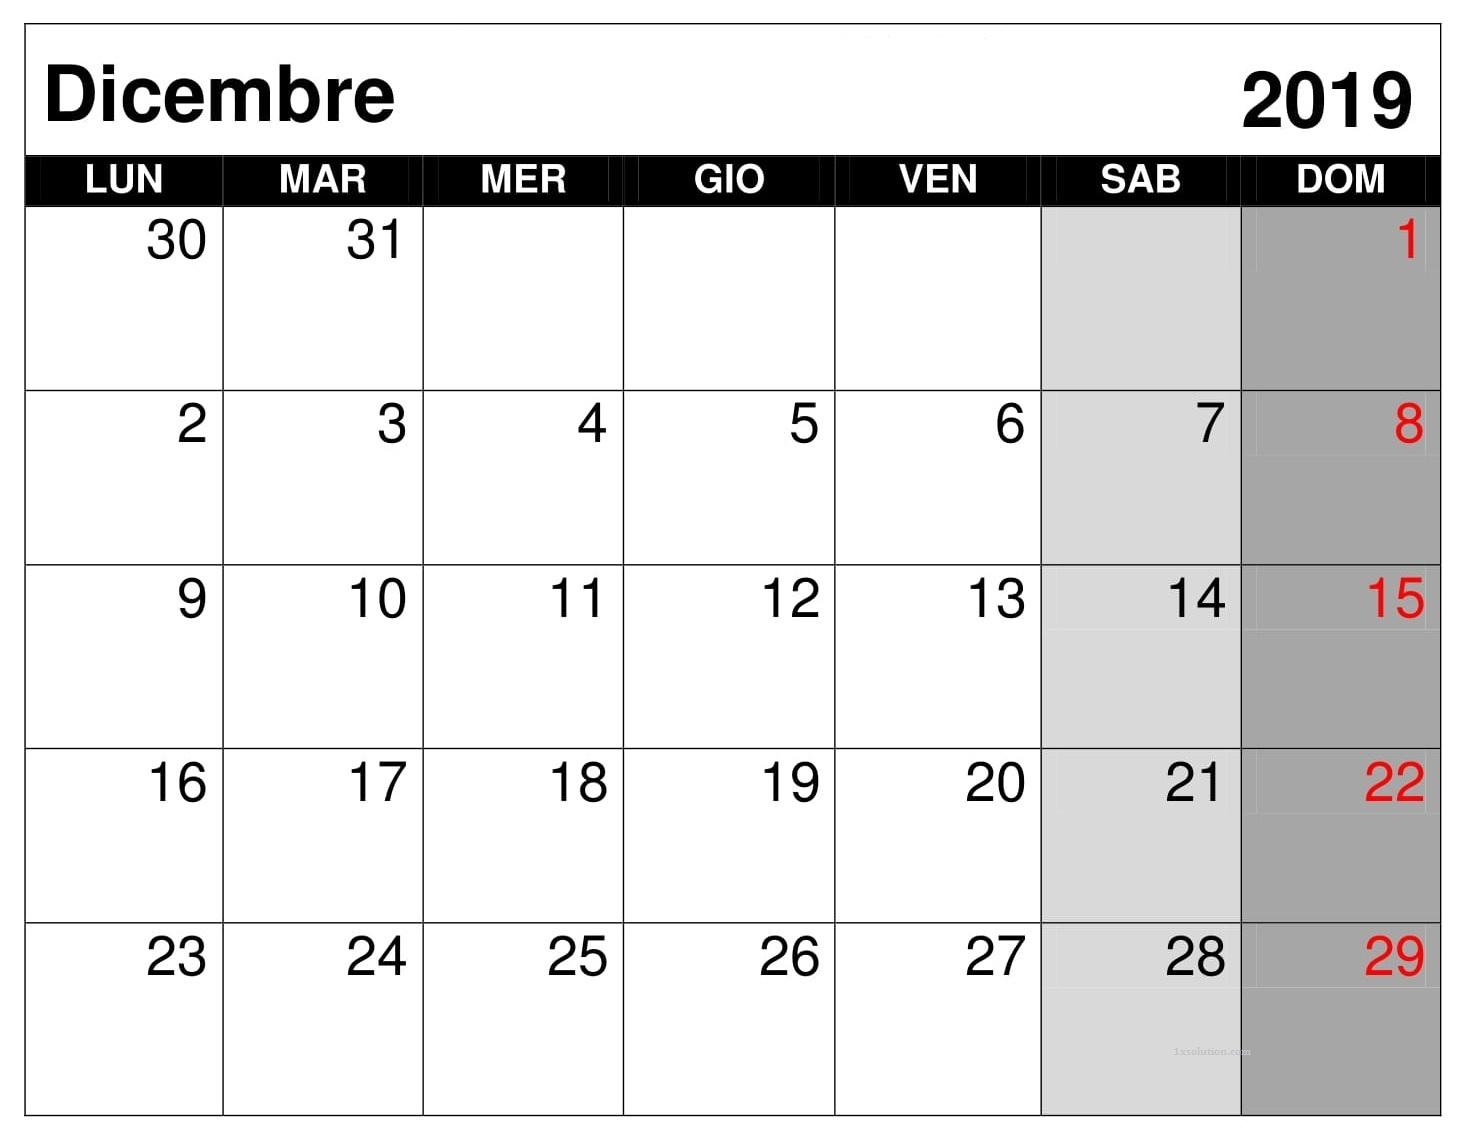 Stili Calendario Dicembre 2019 PDF